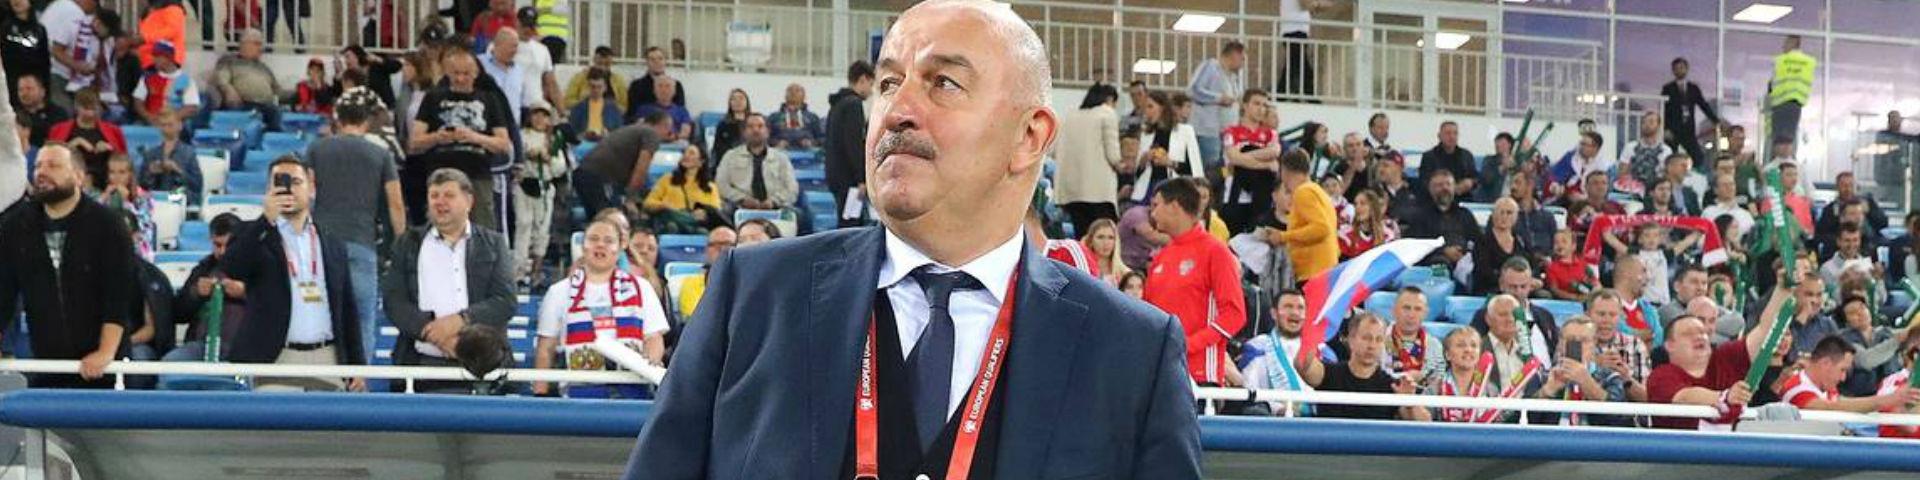 Черчесов оценил два последних матча сборной